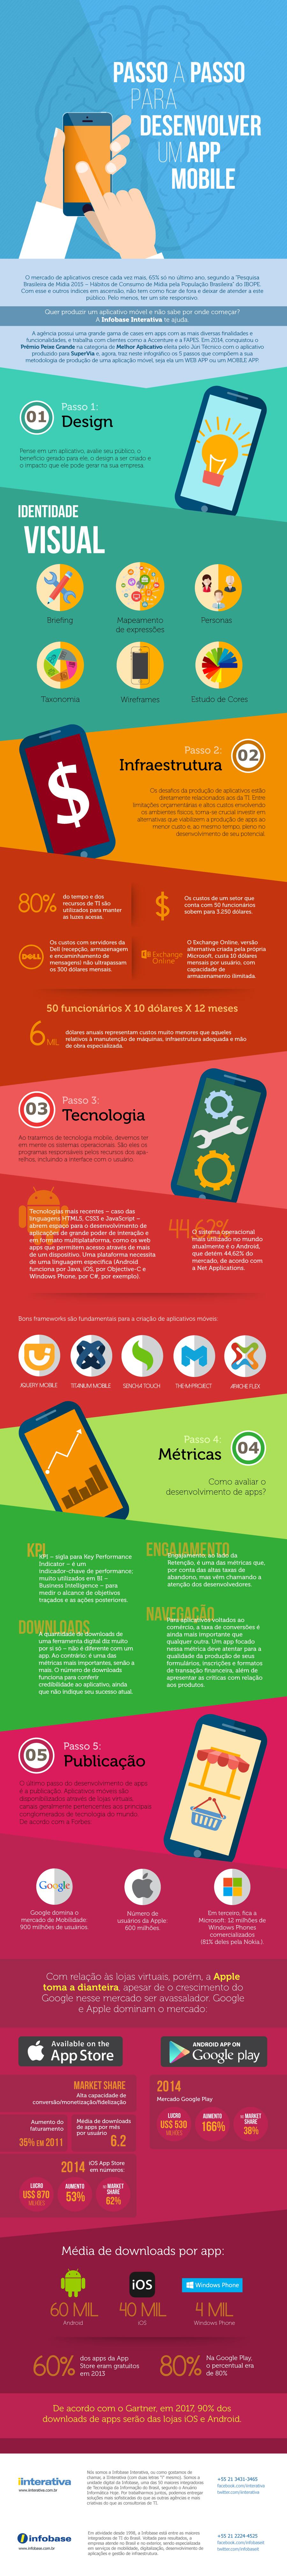 Infográfico – Passo a passo para desenvolver um app mobile http://www.iinterativa.com.br/infografico-passo-passo-para-desenvolver-um-app-mobile/